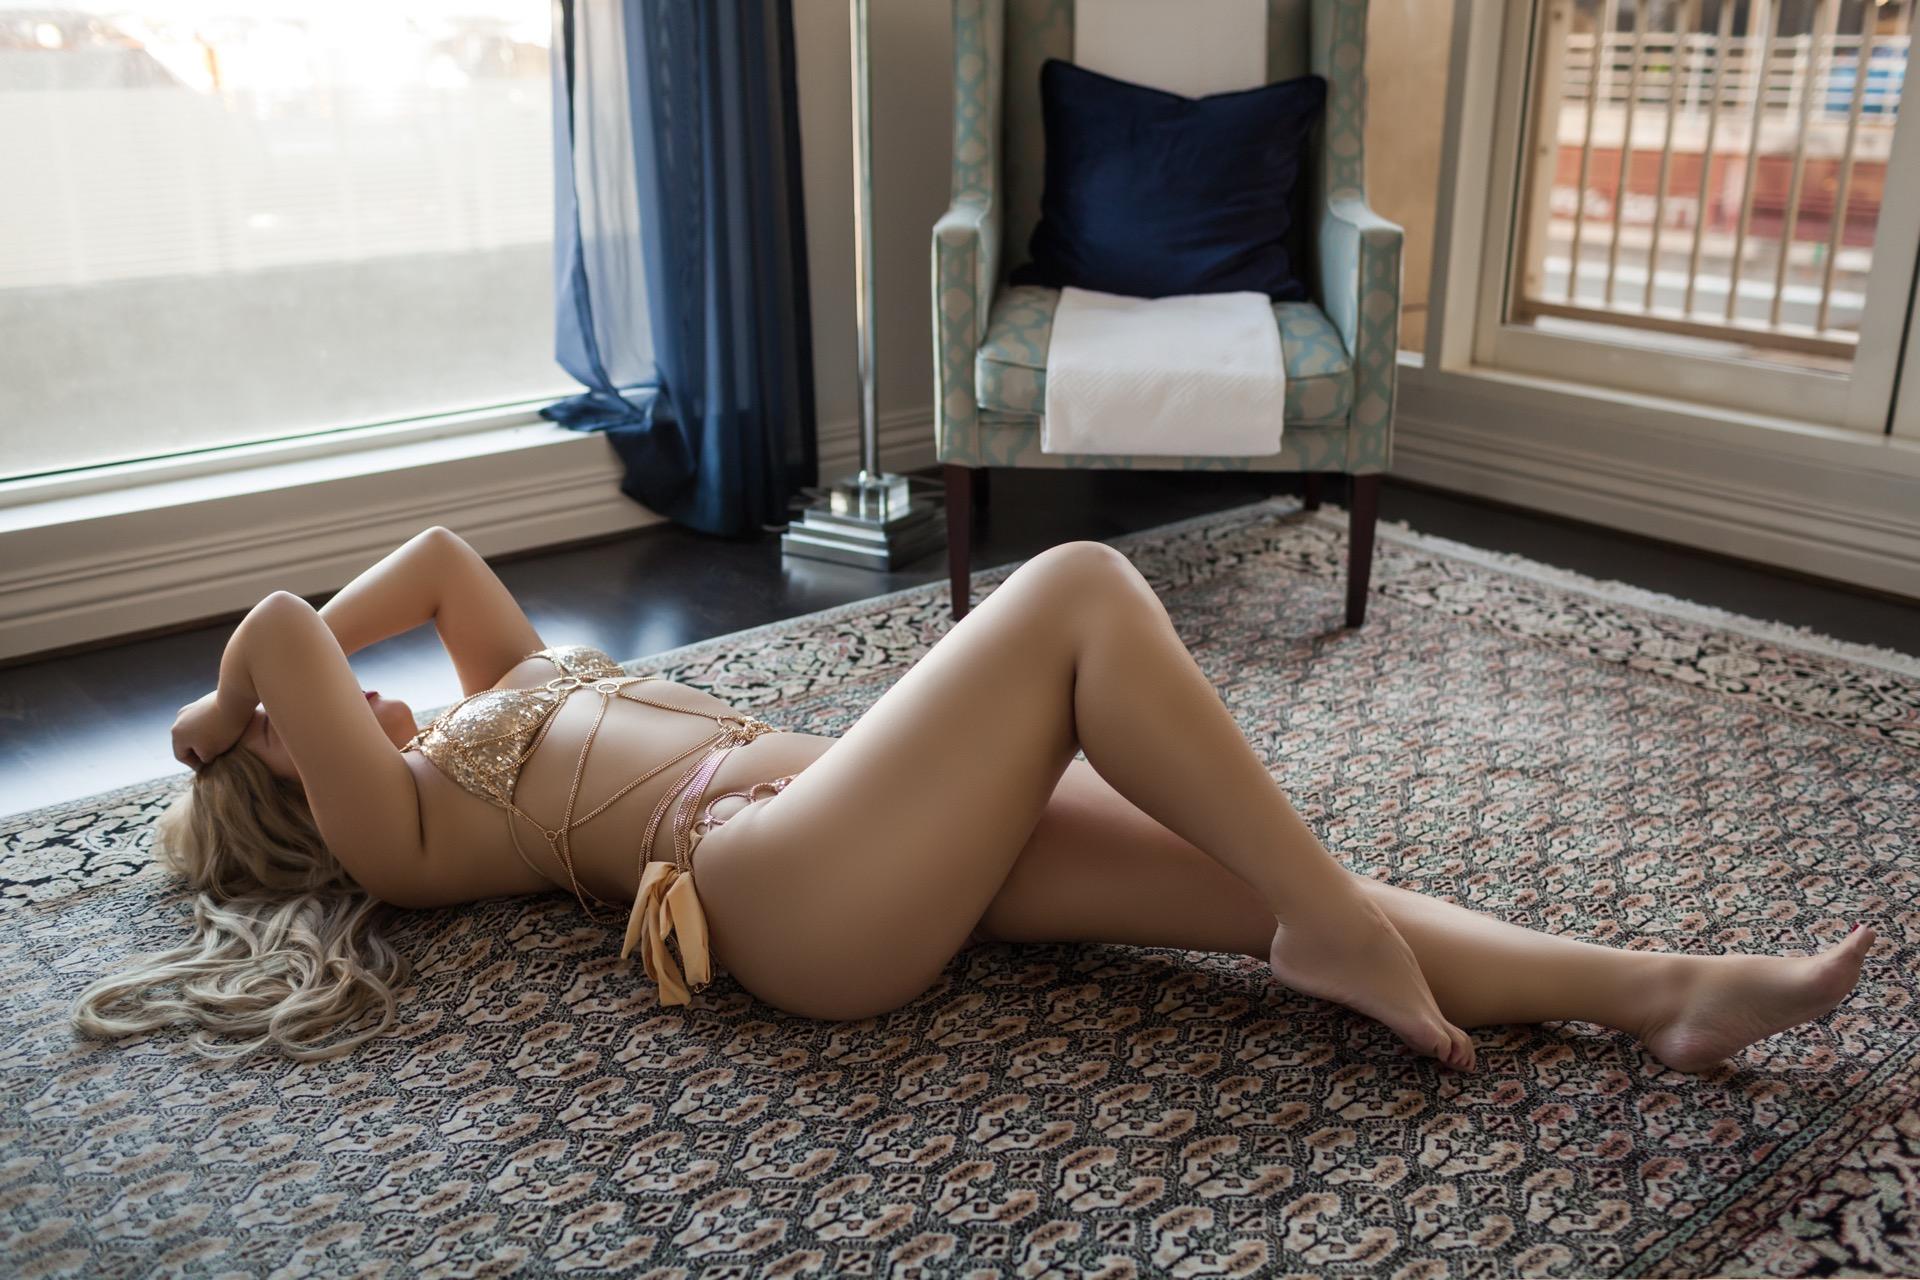 Amanda Monroe